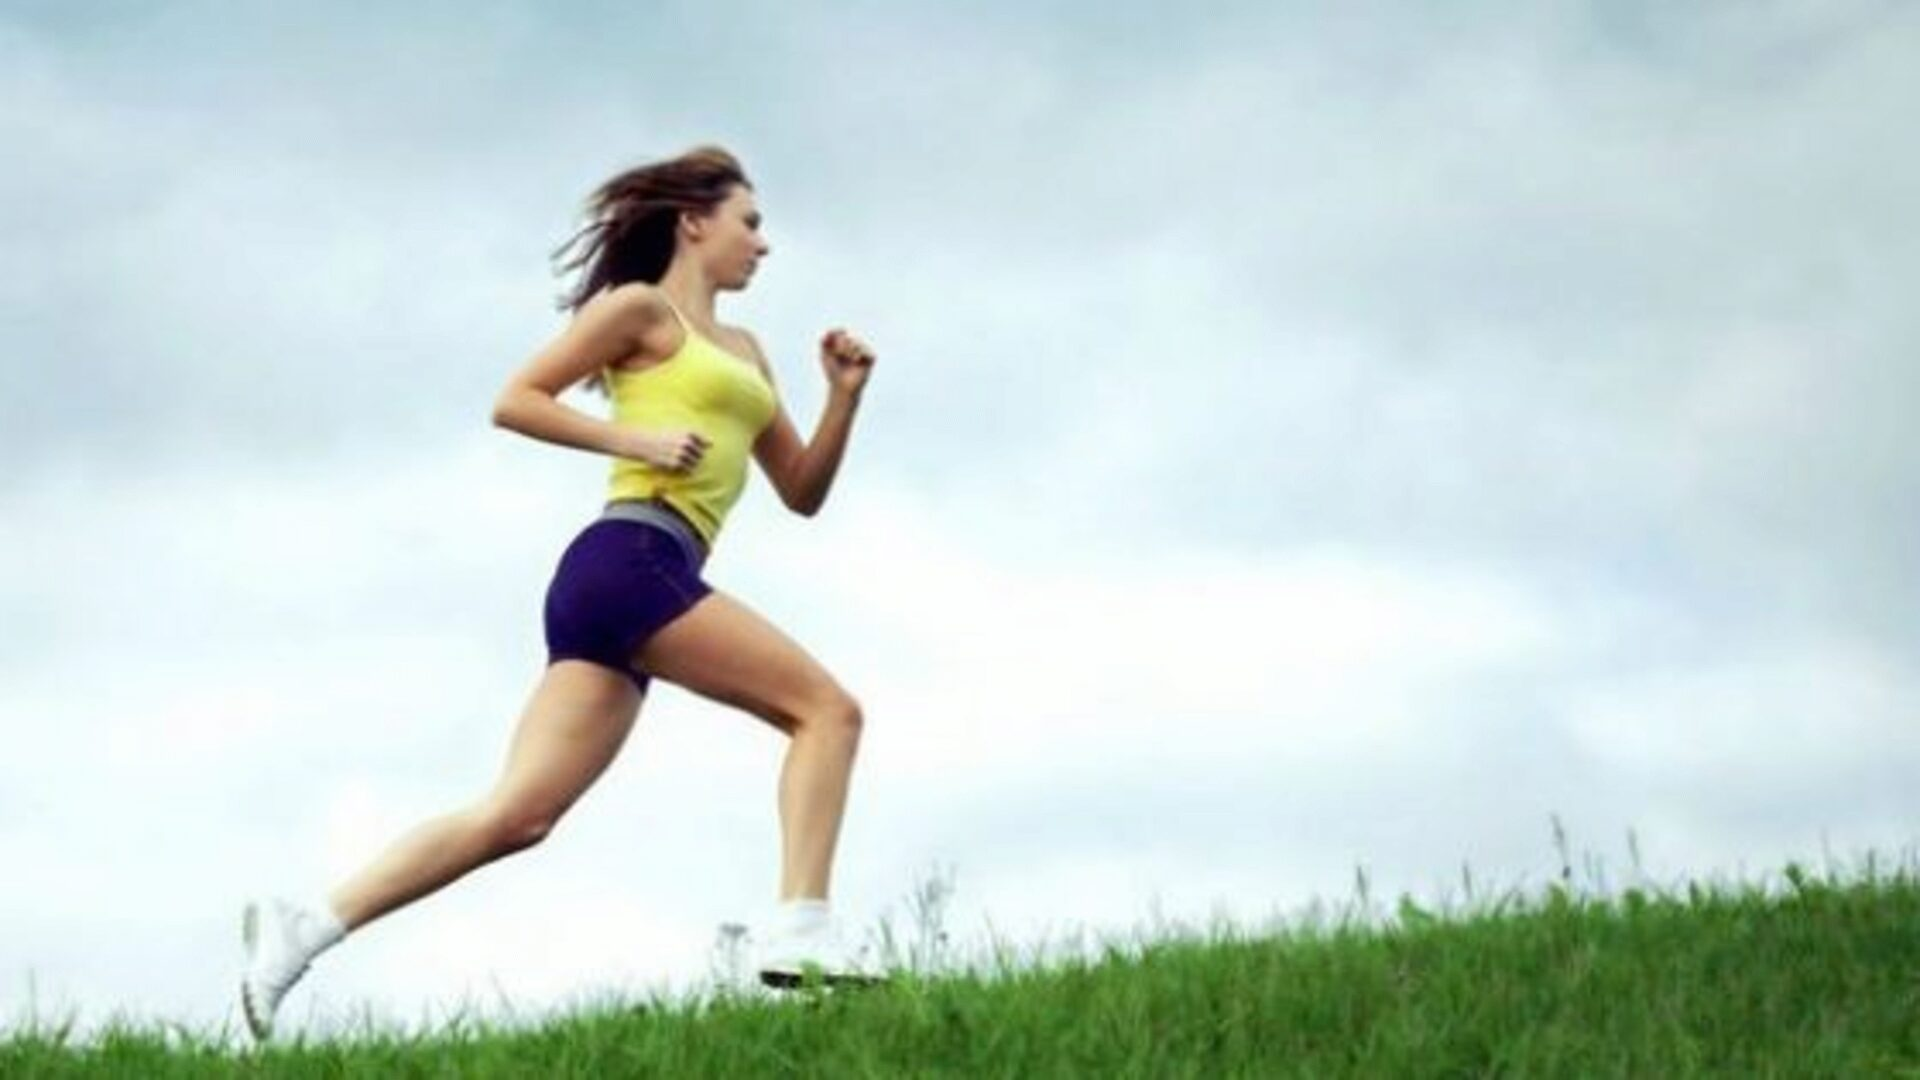 Бег - эффективный способ поддержания хорошей формы